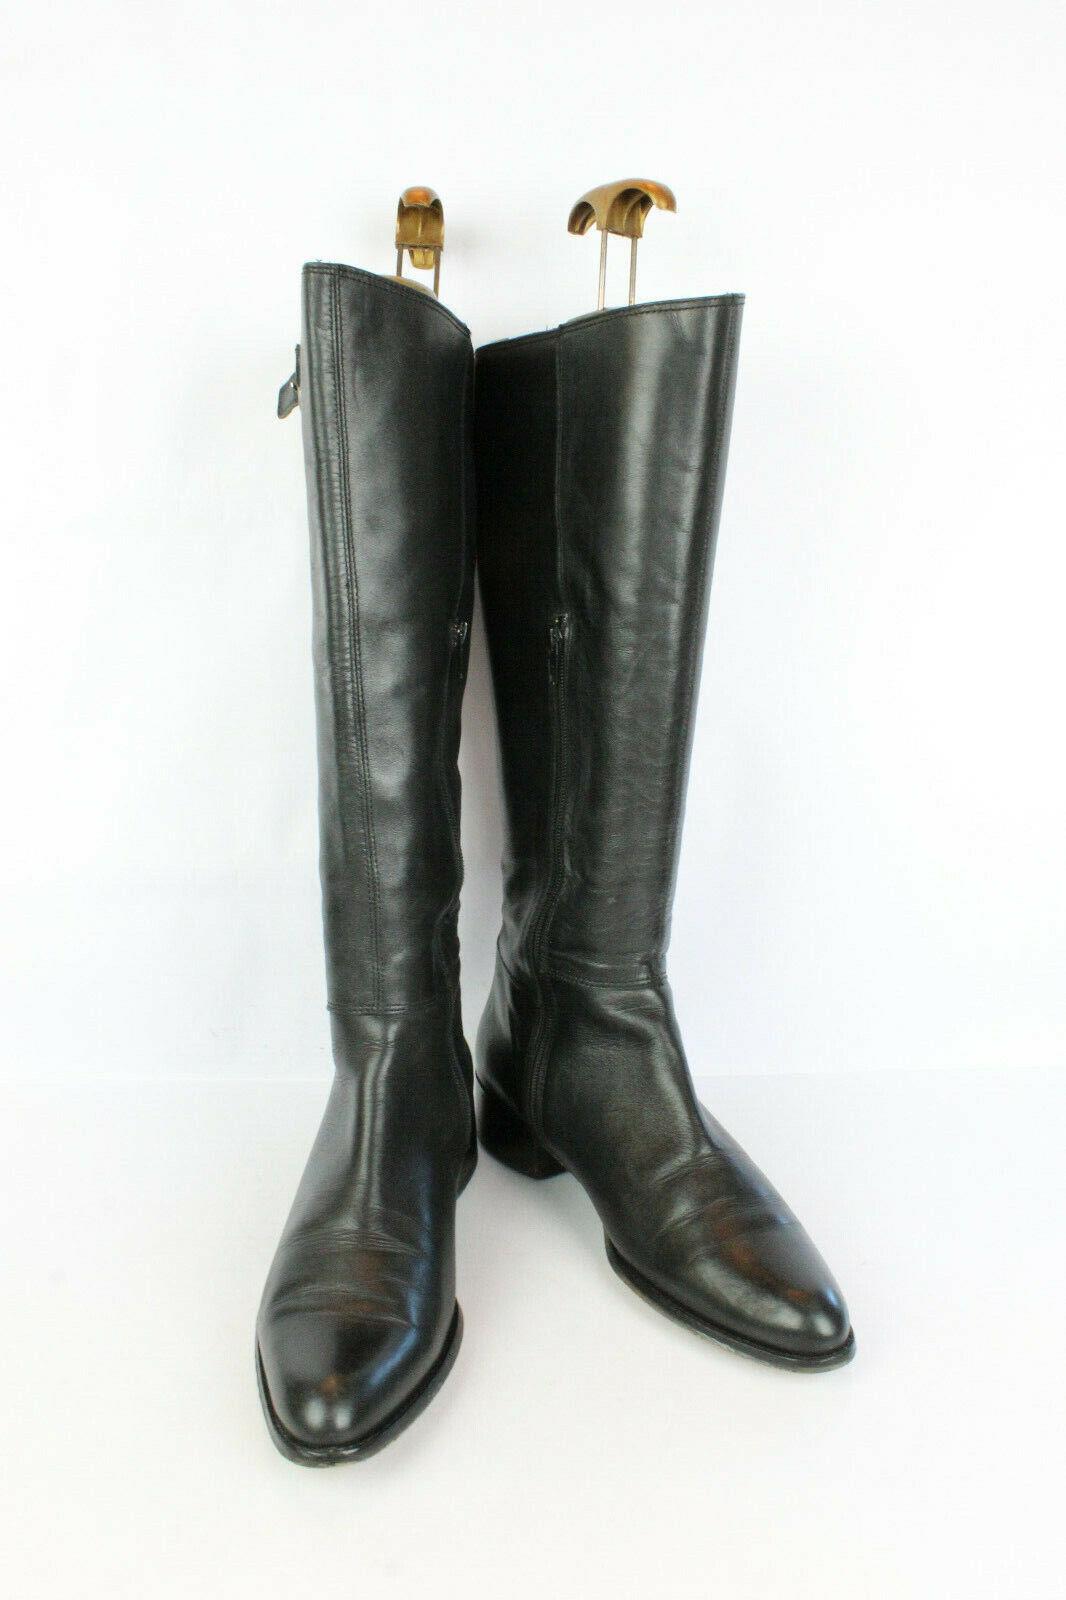 Stiefel Frauen Geheimnis Schwarzes Leder T 40   UK 6.5 Sehr Guter Zustand